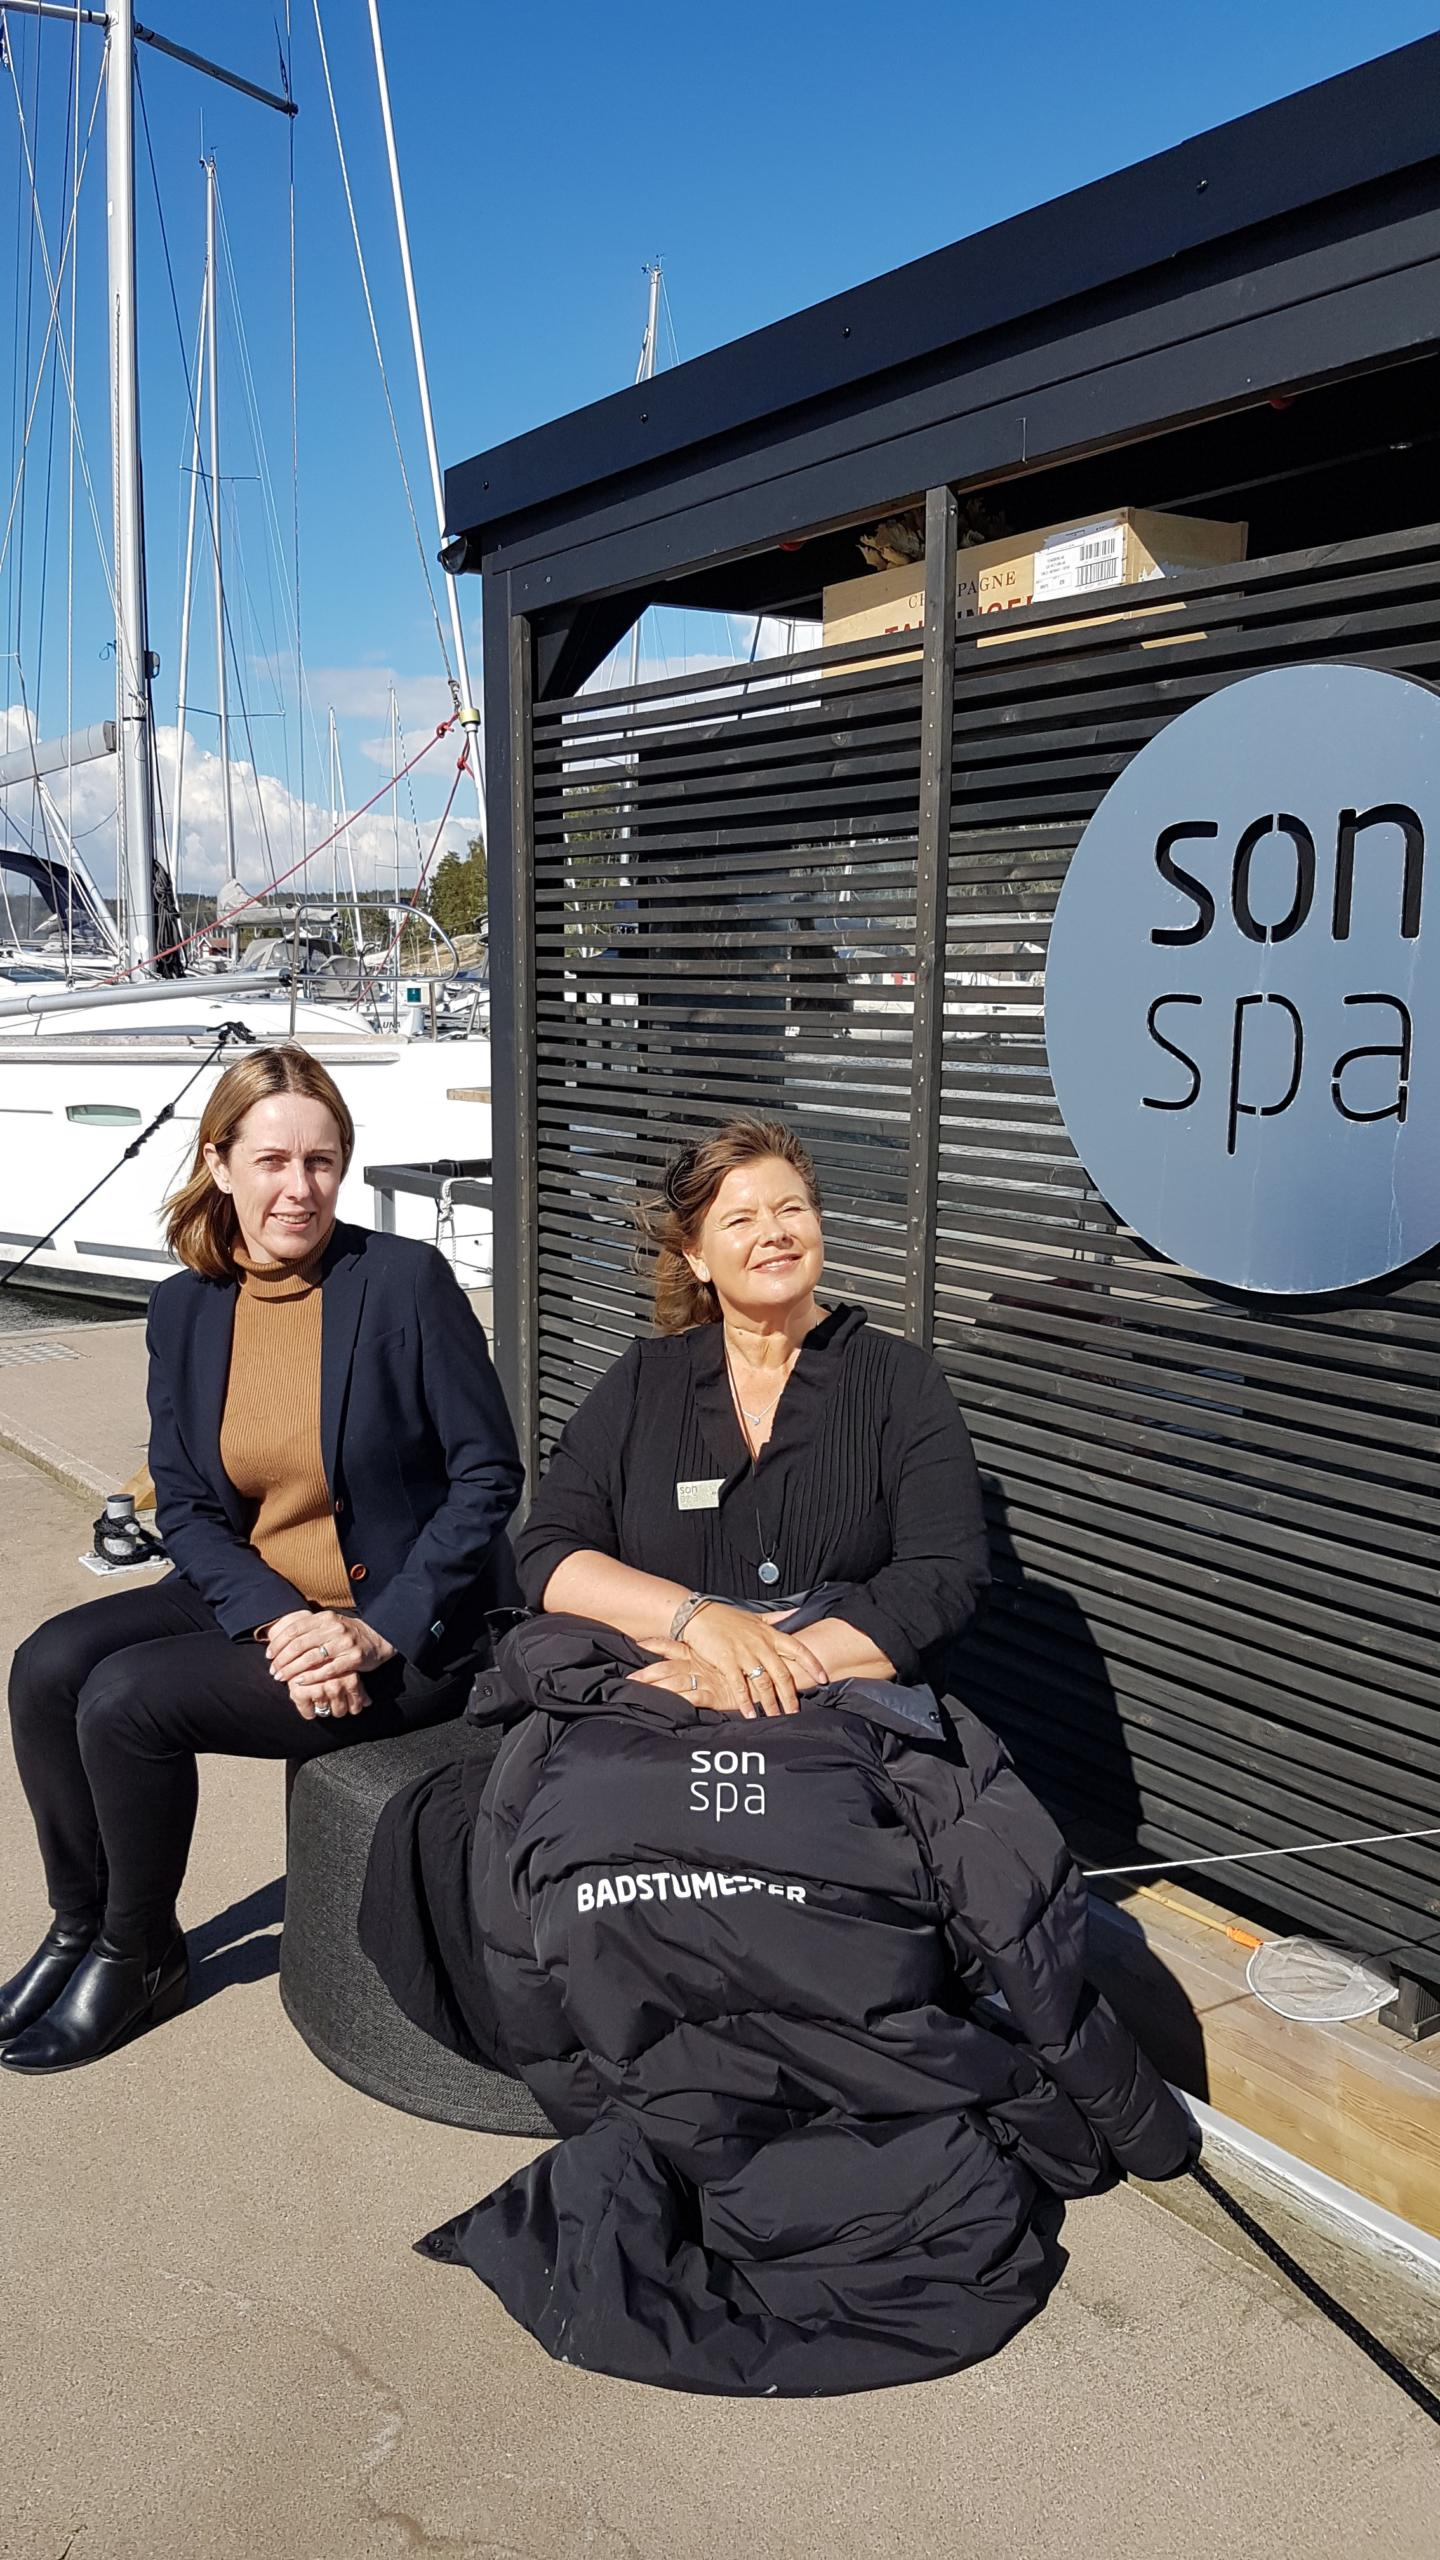 Damer poserer ved Son Spa